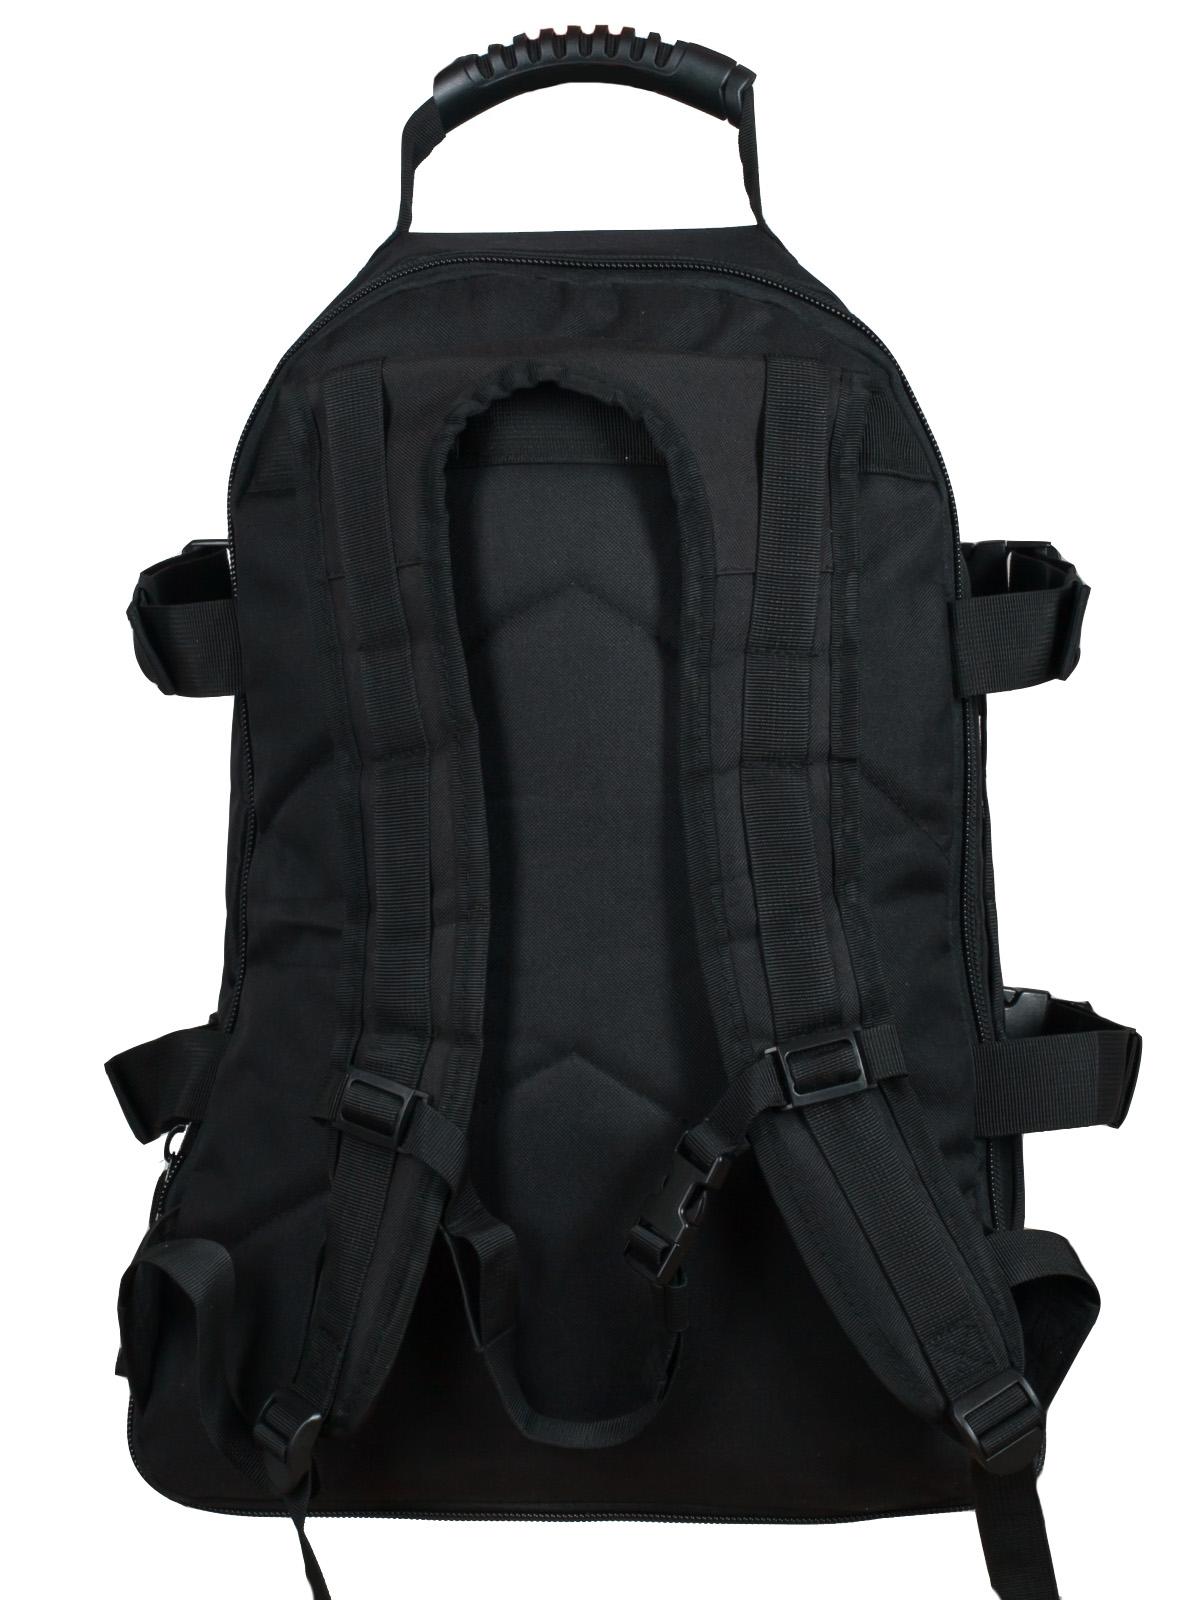 Черный универсальный рюкзак с нашивкой ВМФ - заказать выгодно